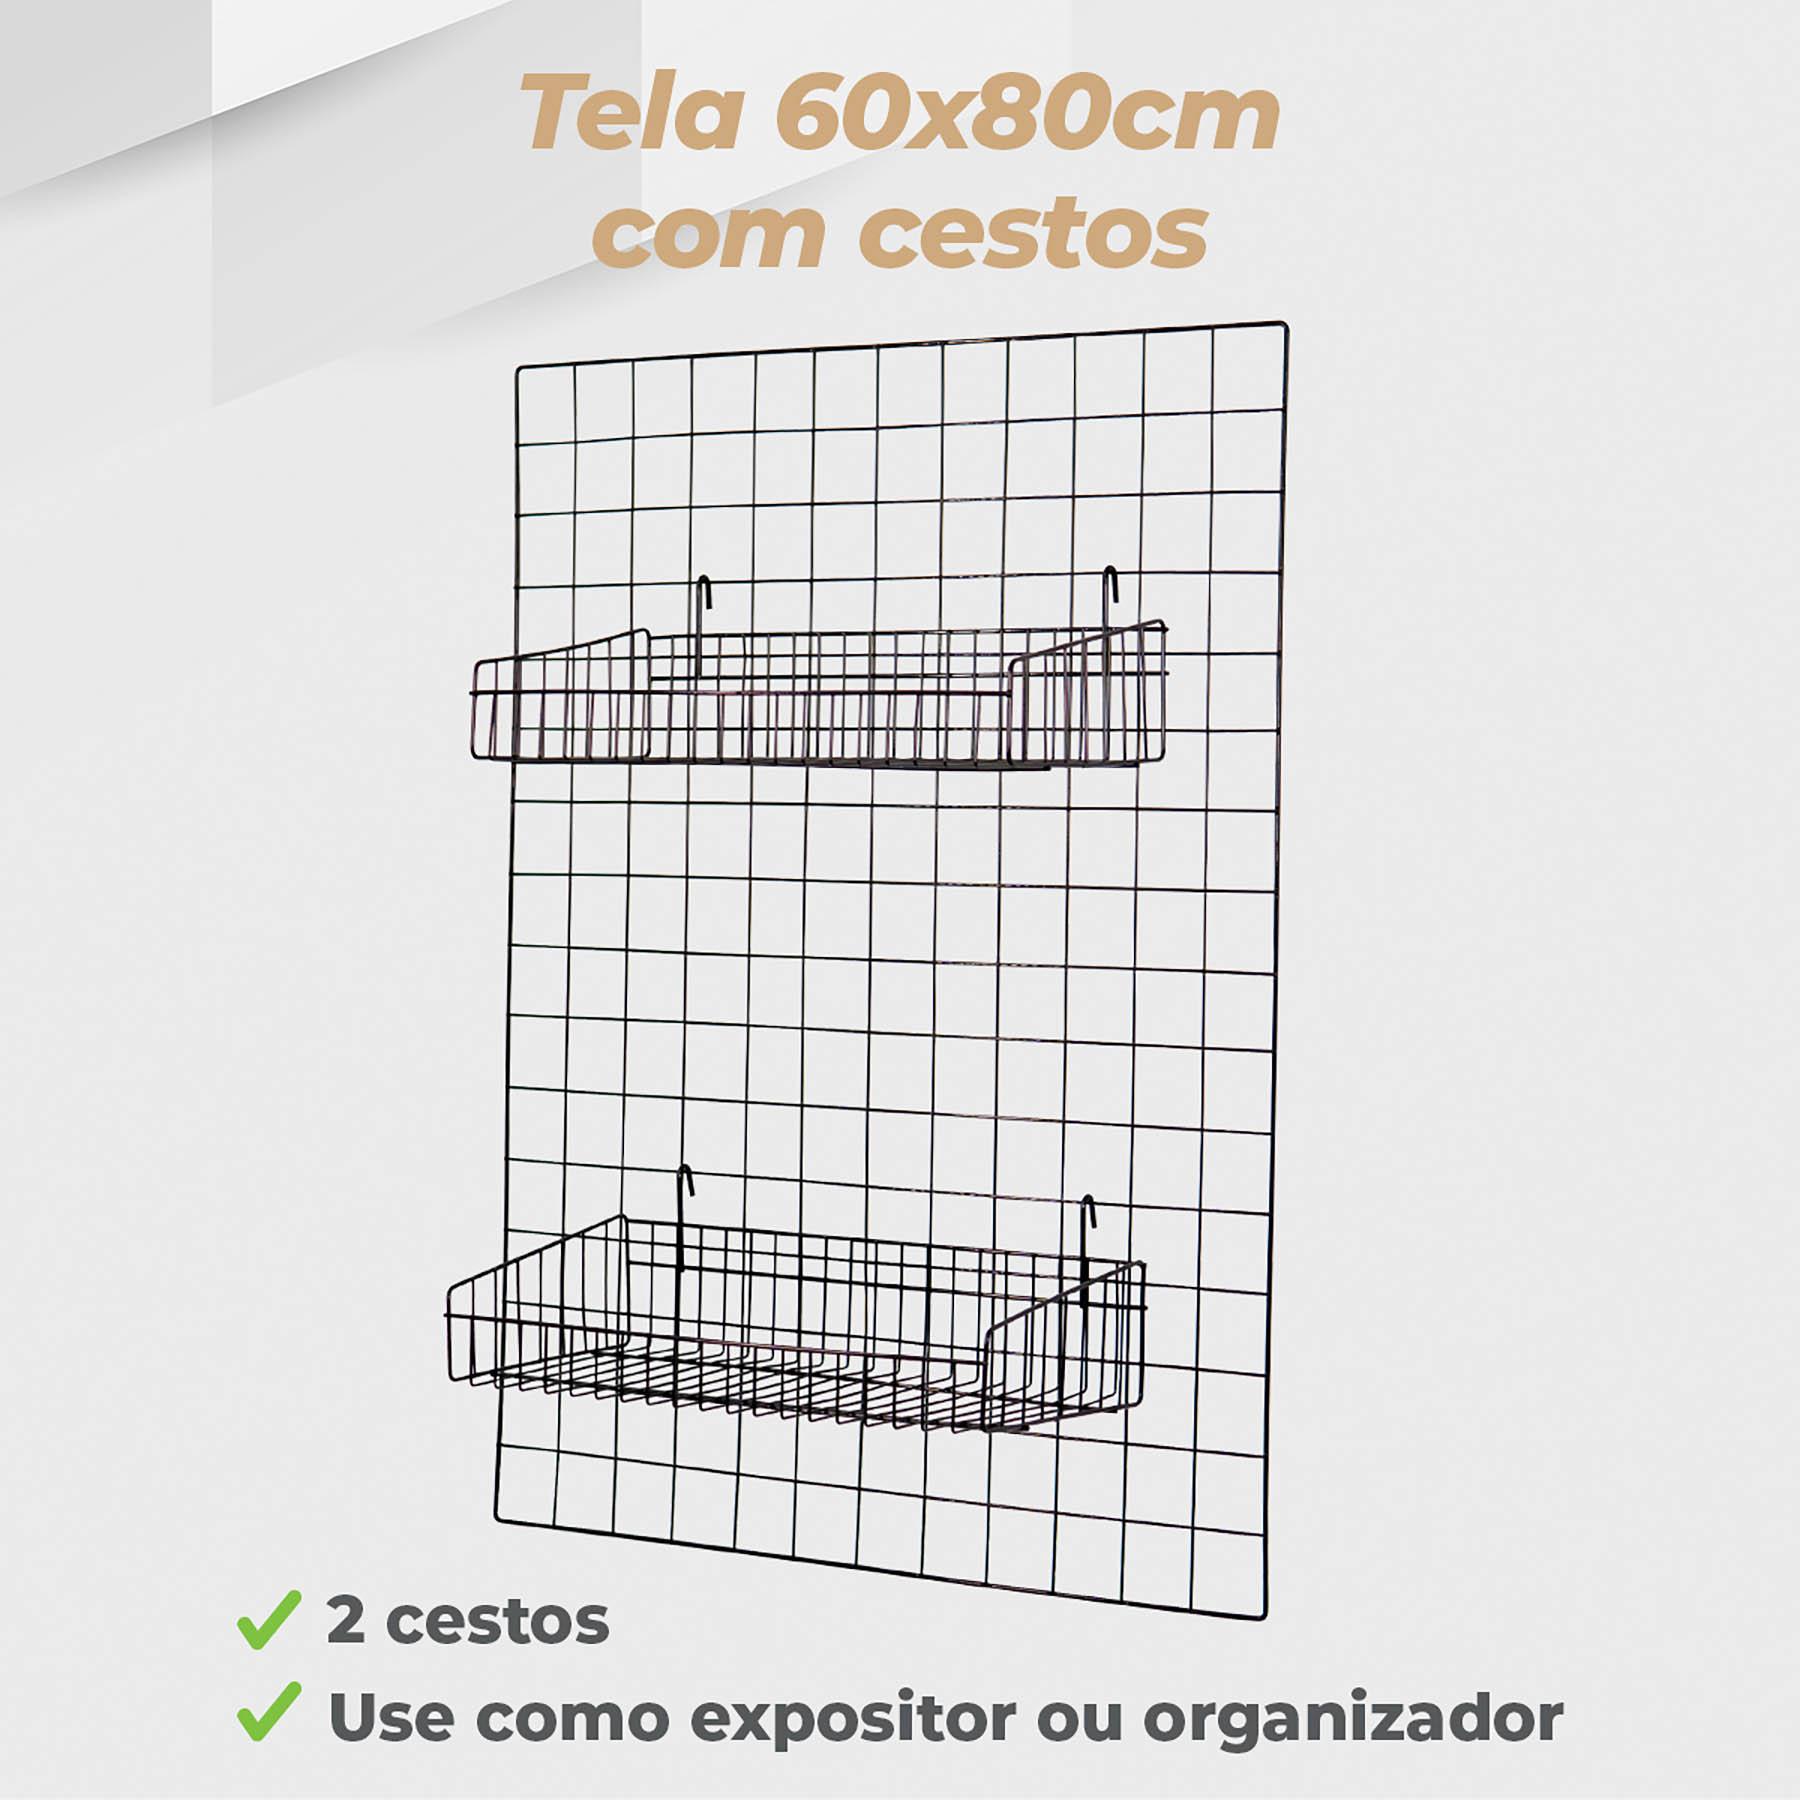 Kit Tela 60x80cm + 2 Cestos Tela 20x40cm